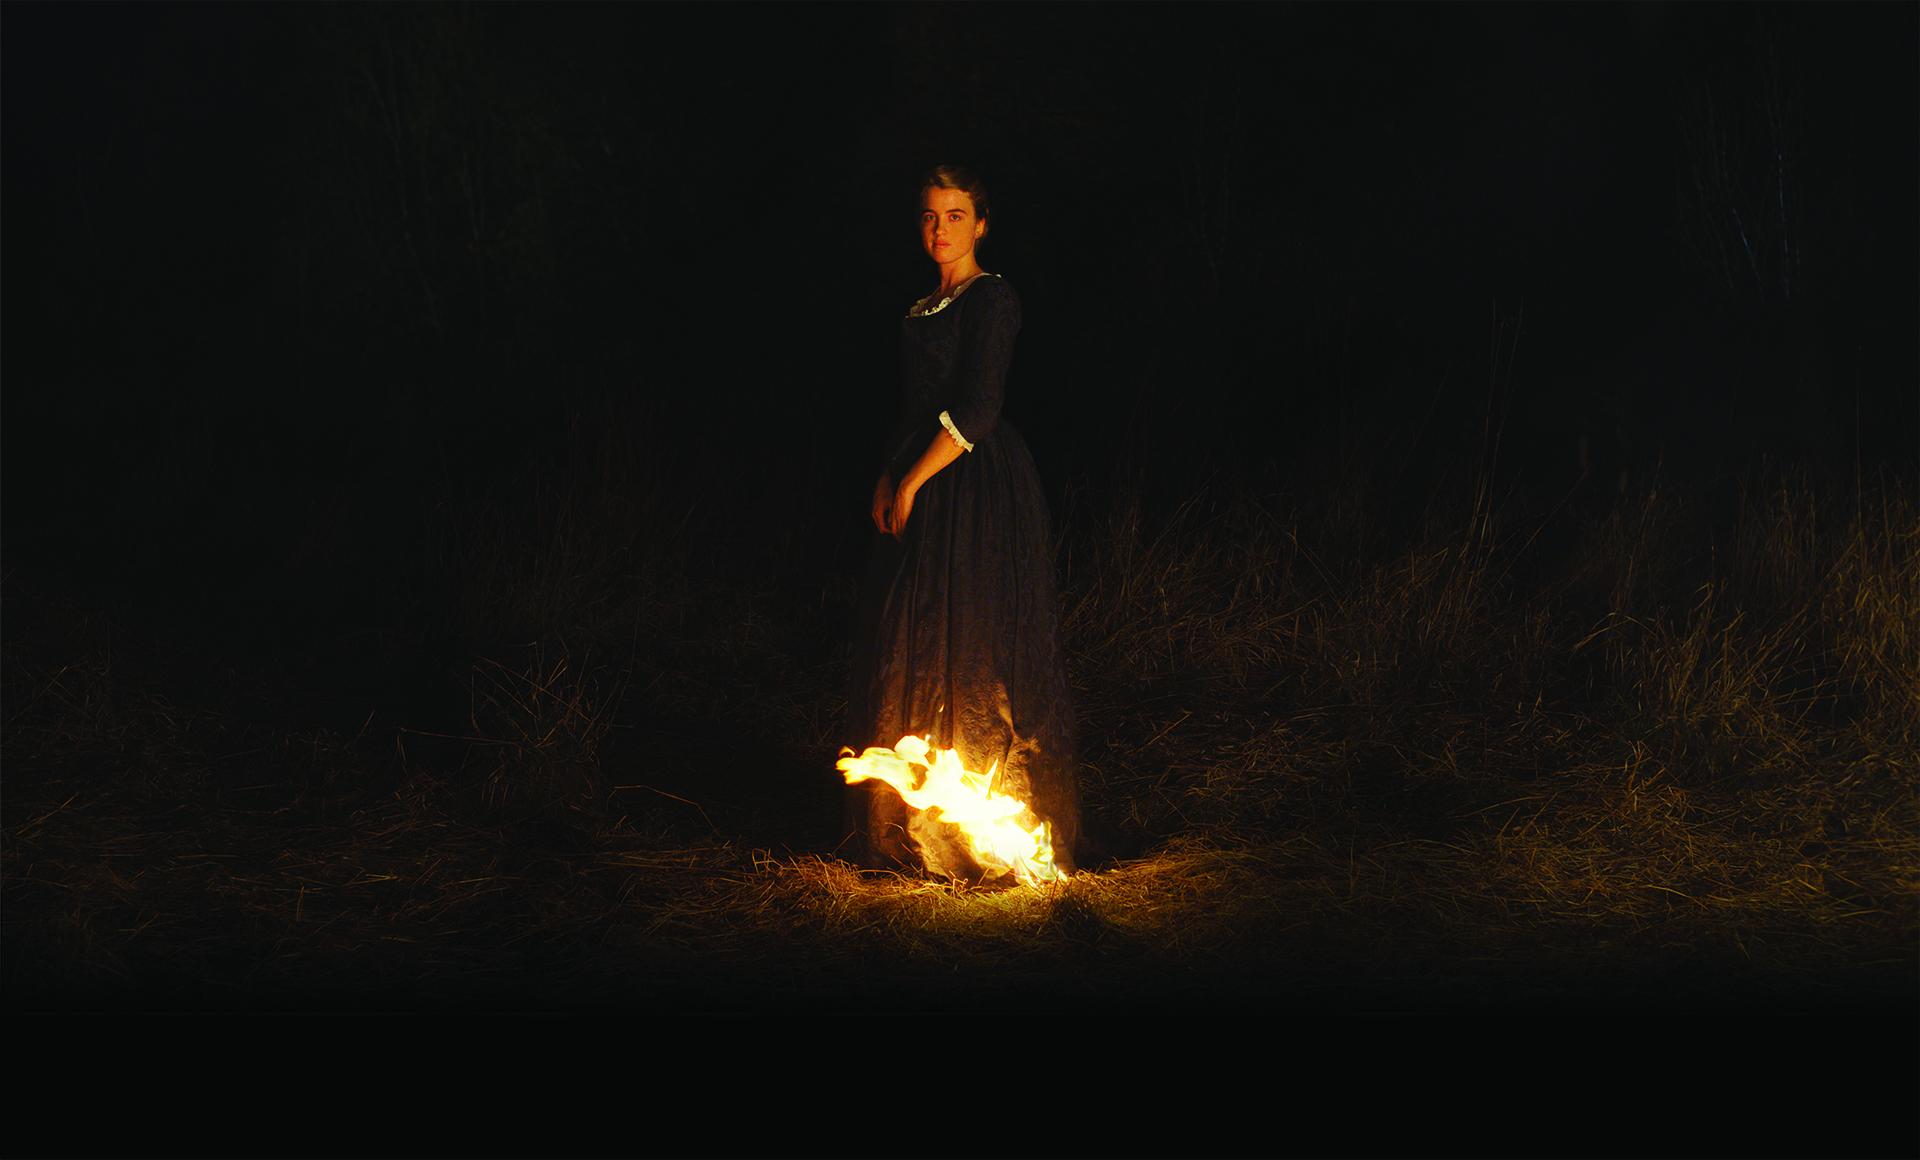 Die junge Frau steht in Flammen; doch ist es Héloïses gespenstischer Blick zurück der sich einbrennt. Foto: Alamodefilm